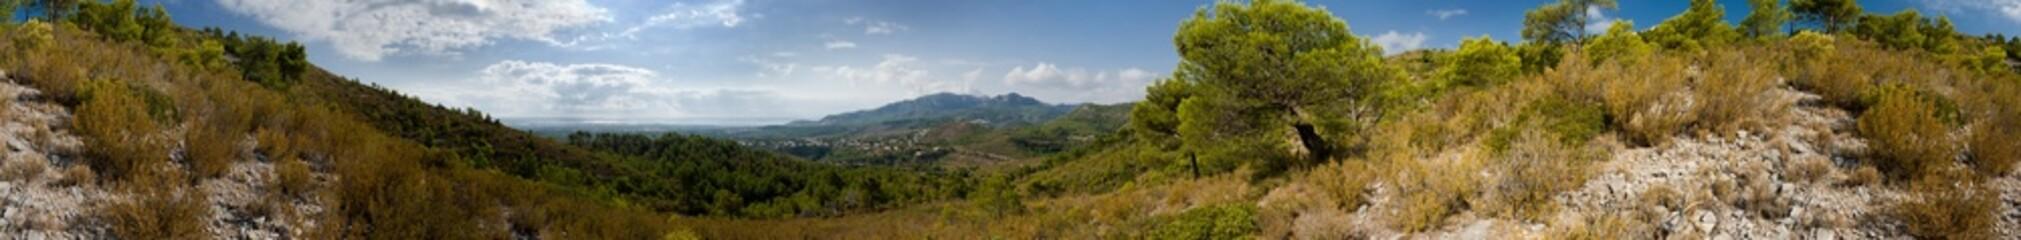 Mountain view in Spain. Full circular panorama